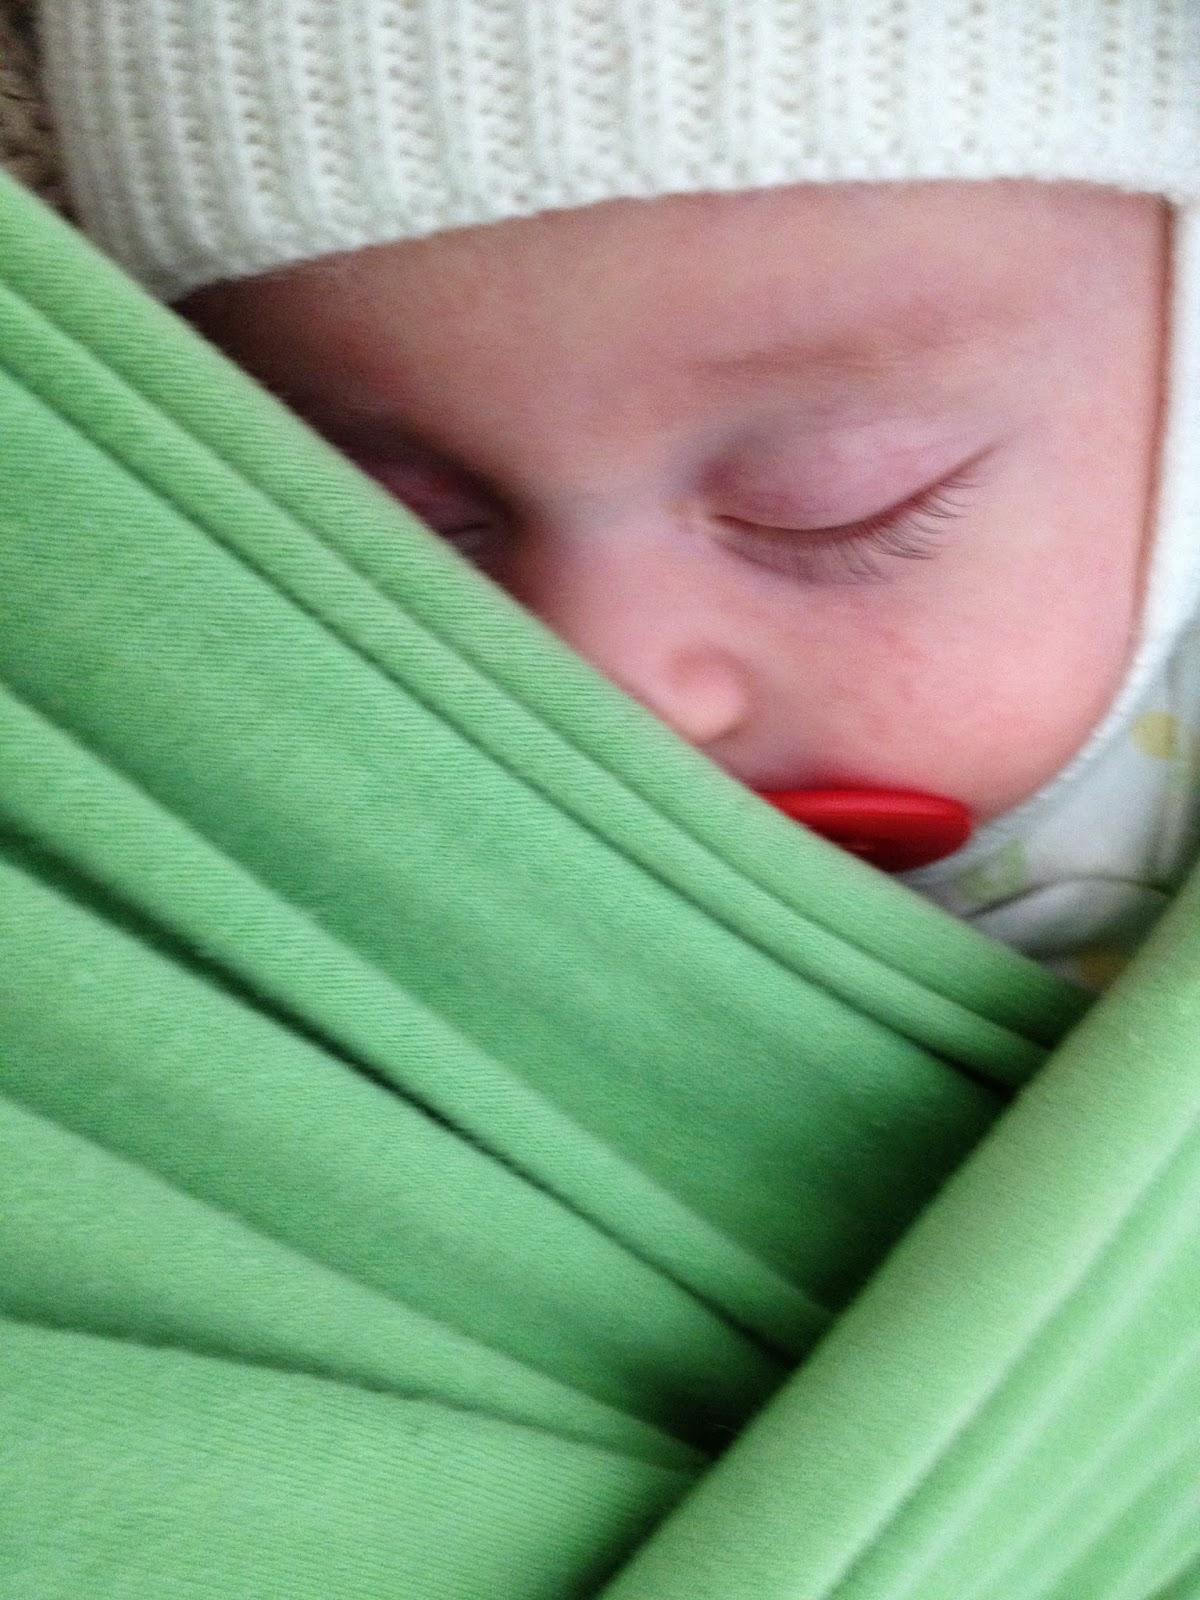 regalo,idea,bebe,recien nacido,padres